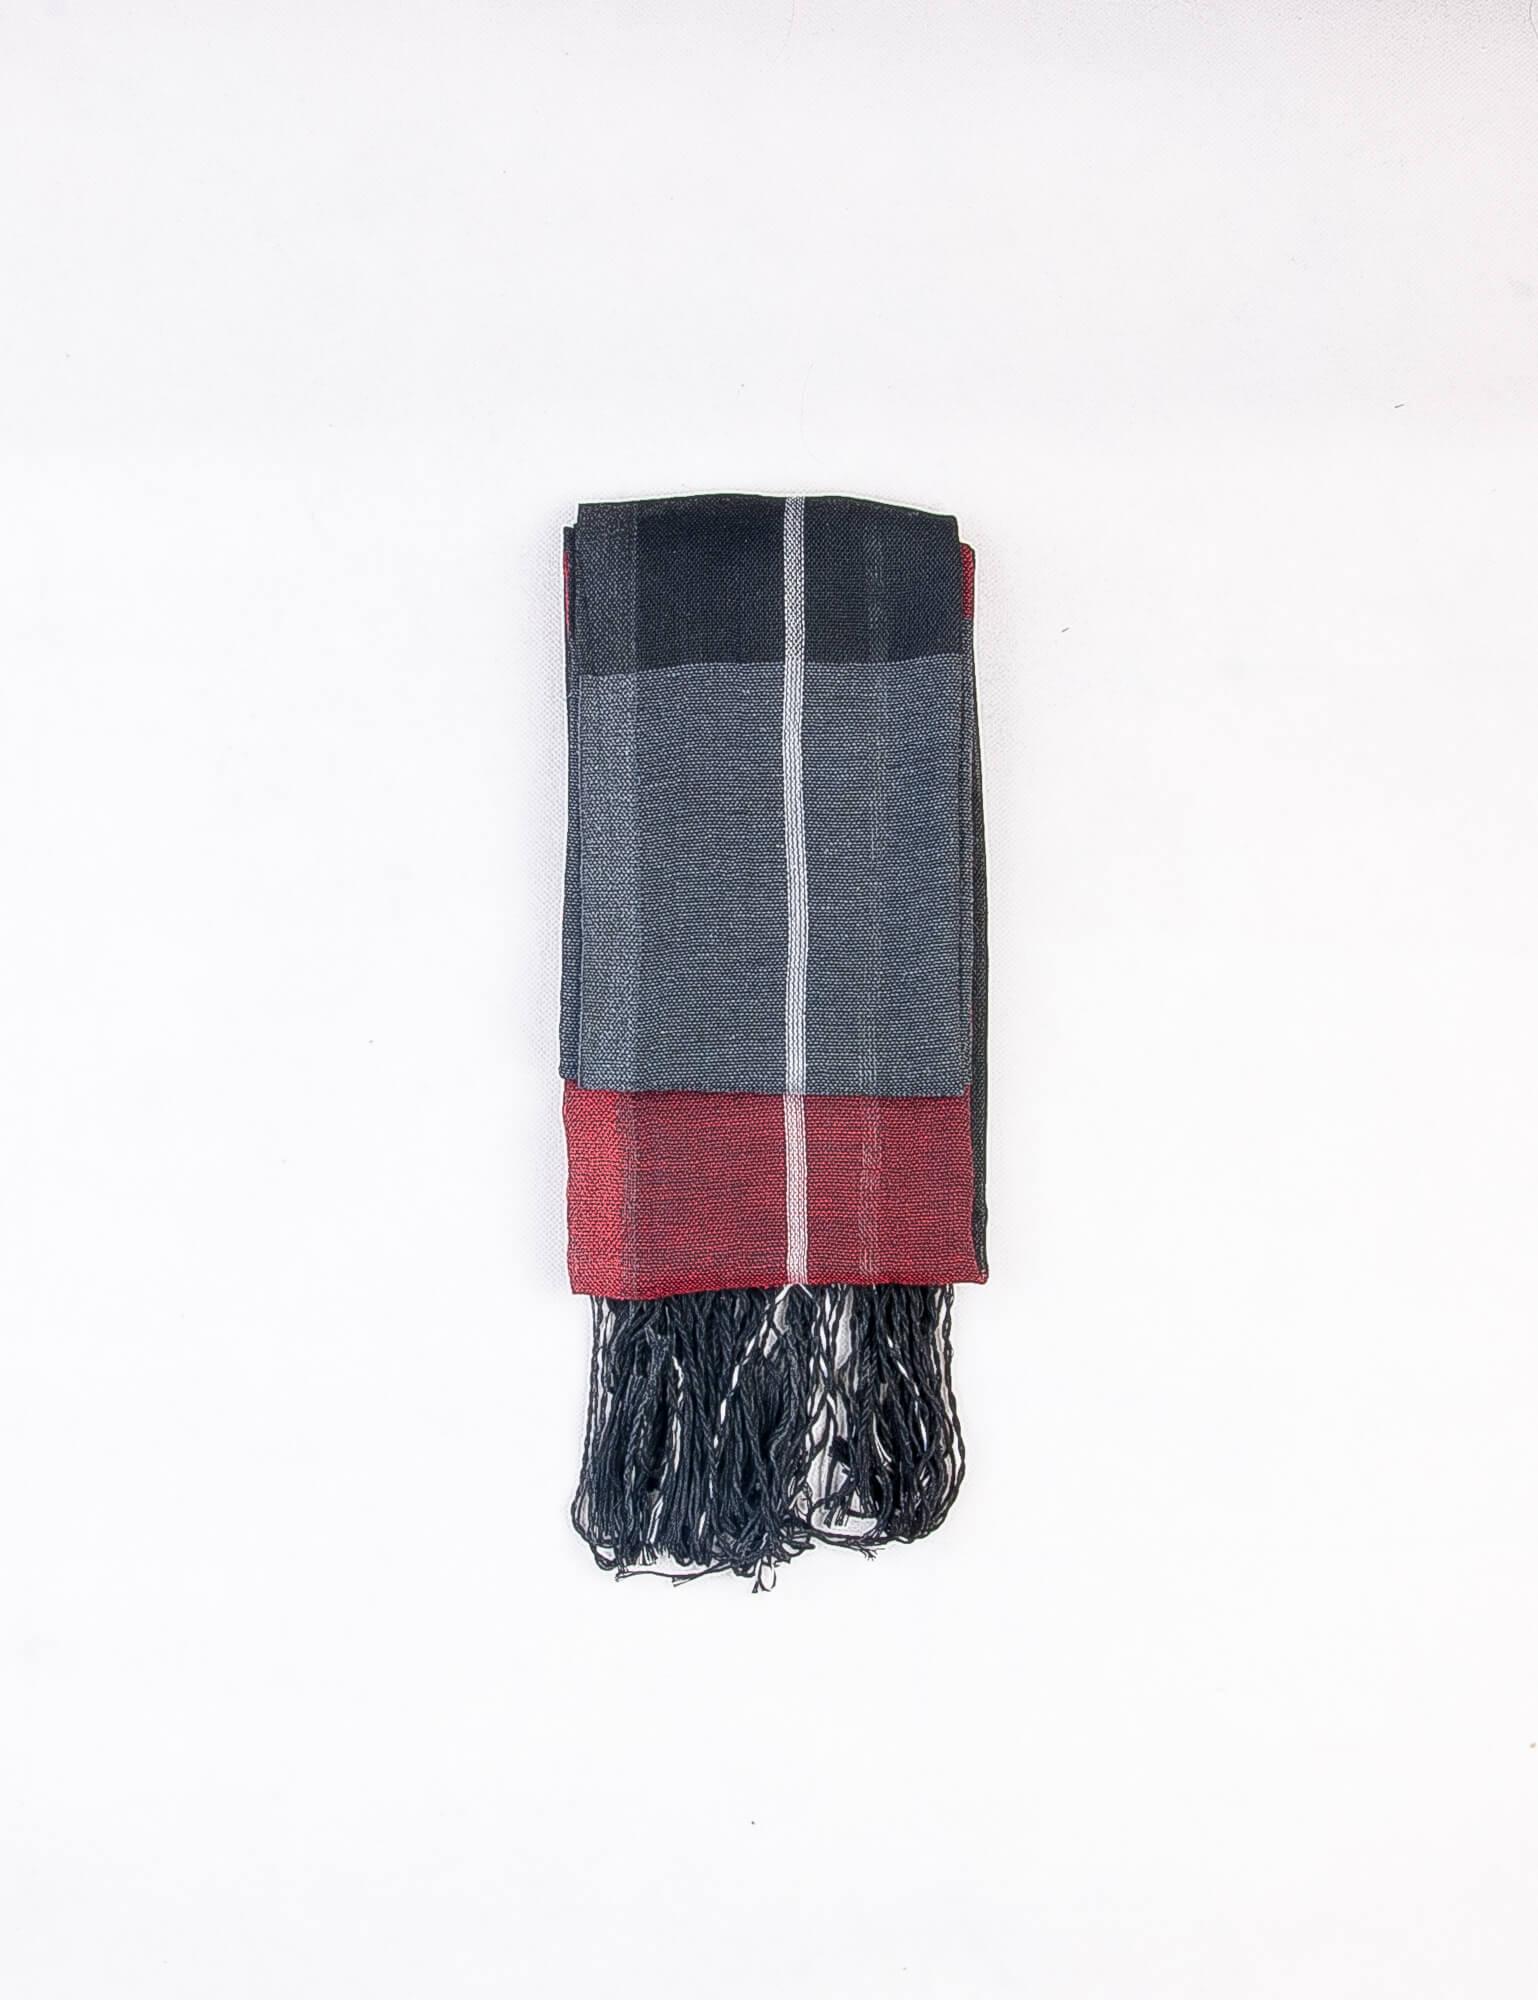 شال گردن مردانه طرح دار مشکی-قرمز SH1001